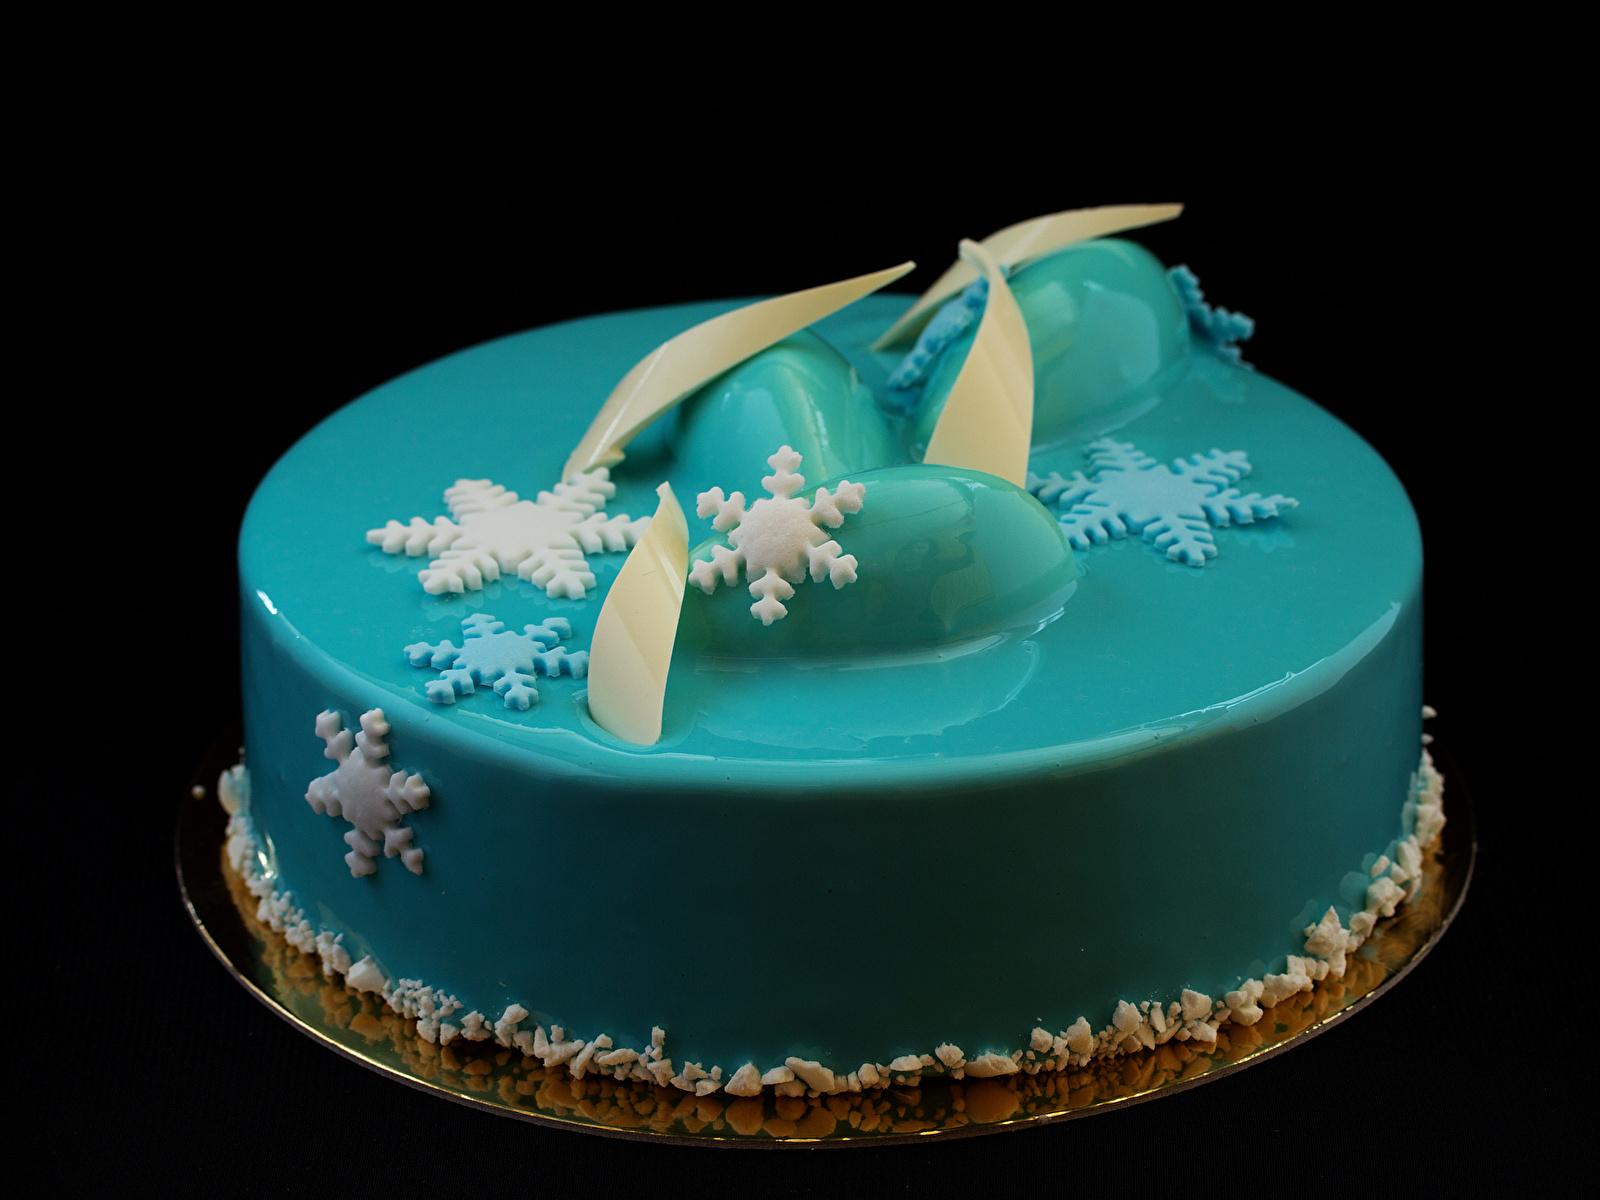 Картинки Торты Голубой Снежинки Еда Черный фон сладкая еда дизайна 1600x1200 голубых голубые голубая снежинка Пища Продукты питания Сладости на черном фоне Дизайн